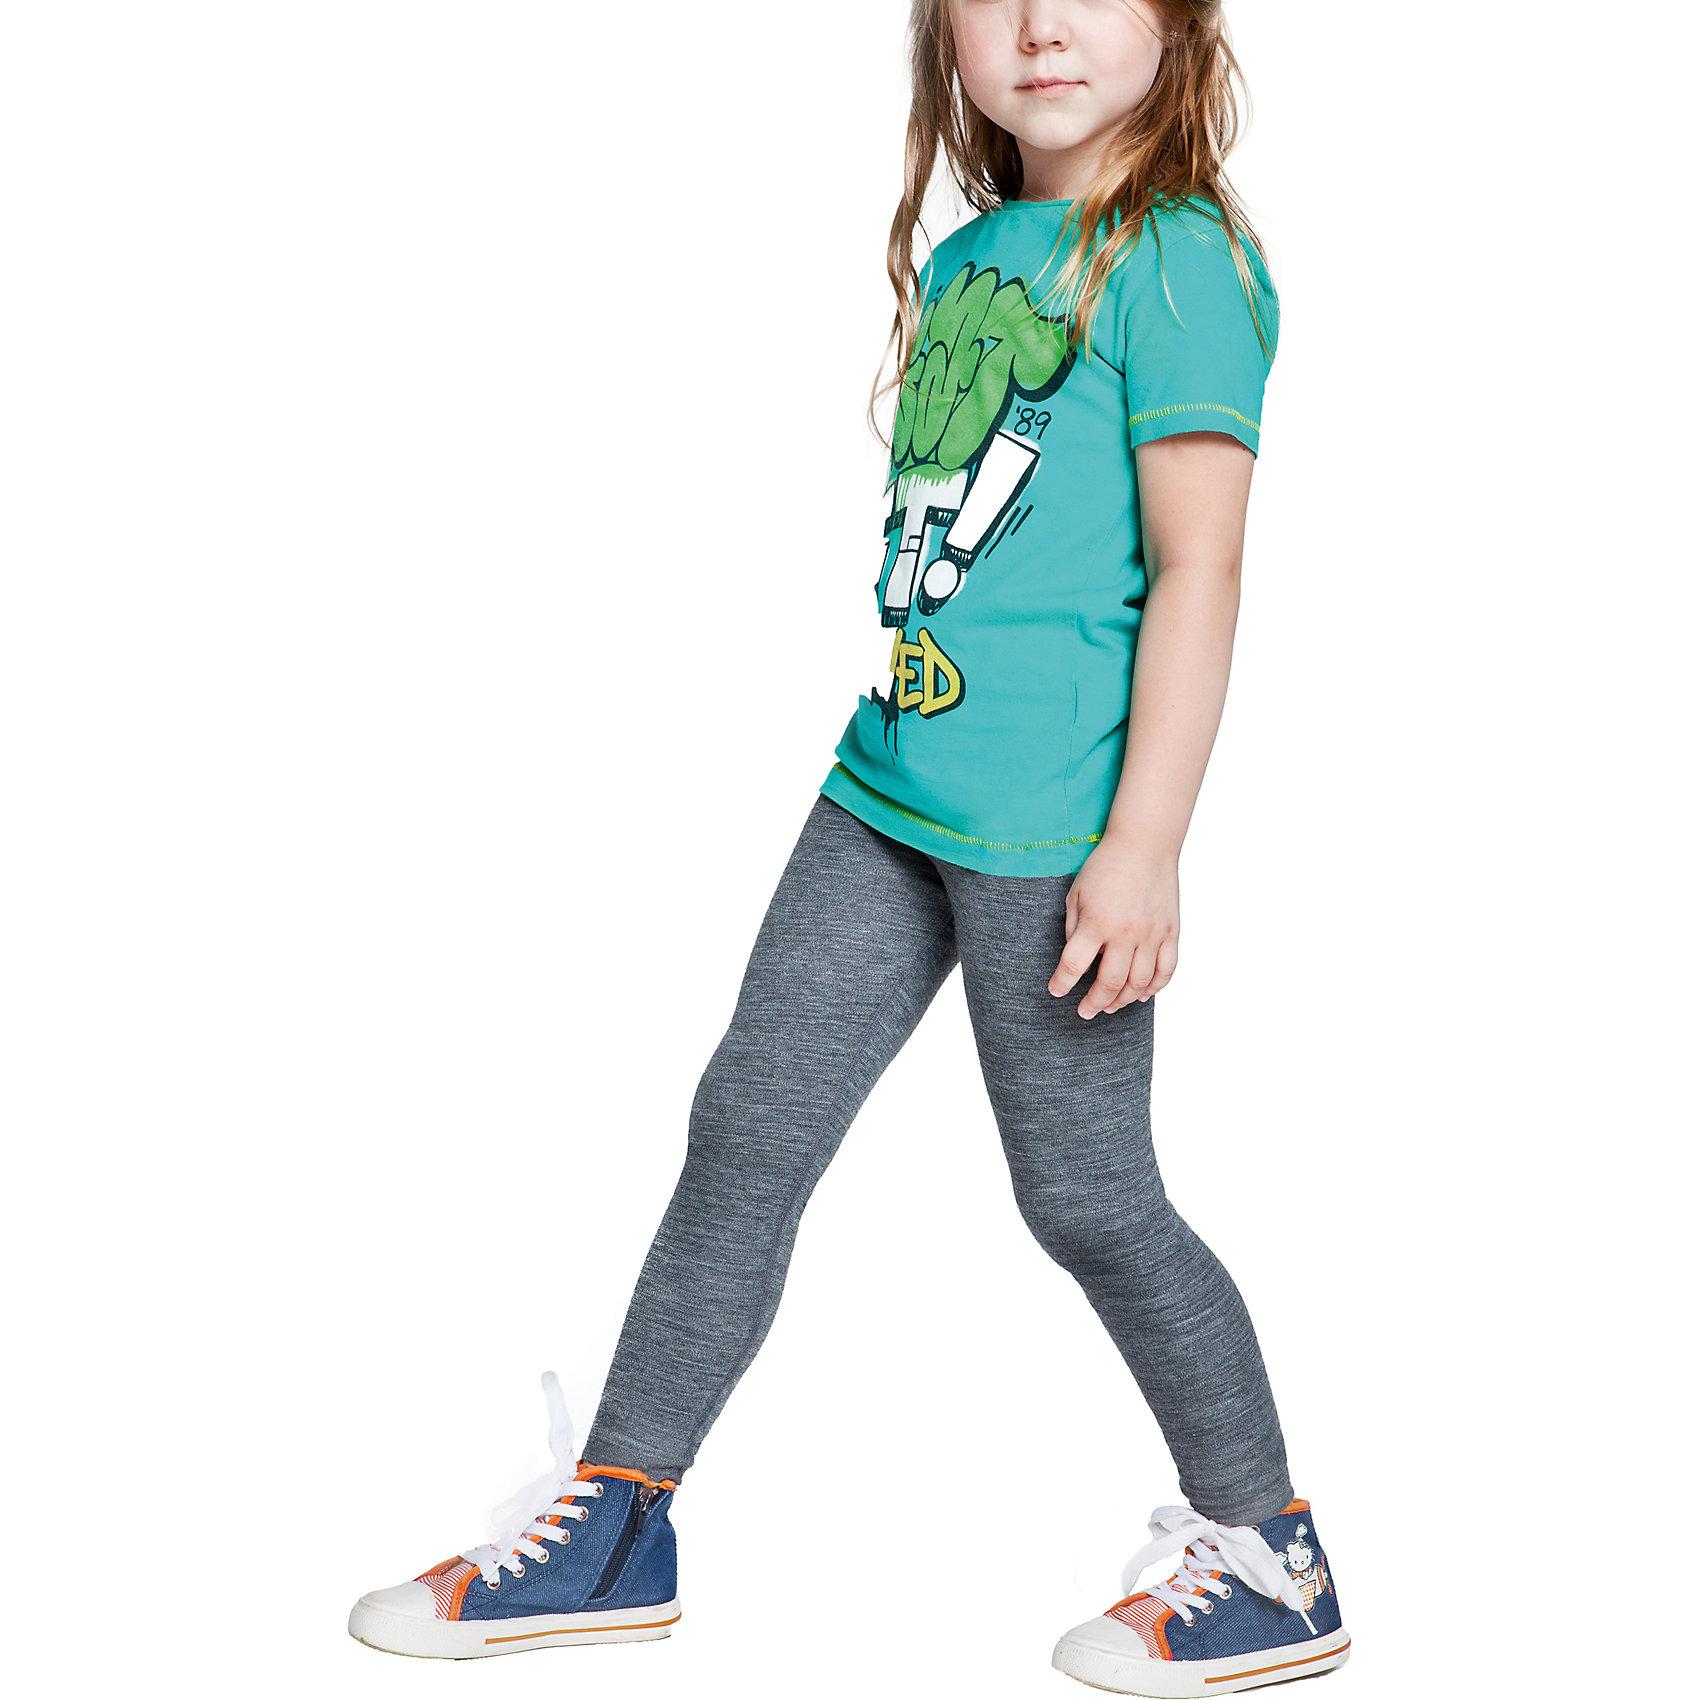 Брюки NorvegБрюки от известного бренда Norveg<br><br>Термобрюки Norveg Soft от немецкой компании Norveg (Норвег) - это удобная и красивая одежда, которая обеспечит комфортную терморегуляцию тела и на улице, и в помещении. <br>Они сделаны из шерсти мериноса (австралийской тонкорунной овцы), очень приятной на ощупь. Такая шерсть обладает гипоаллергенными свойствами, поэтому не вызывает раздражения, даже если надета на голое тело.<br><br>Отличительные особенности модели:<br><br>- цвет: серый;<br>- швы плоские, не натирают и не мешают движению;<br>- анатомические резинки;<br>- материал впитывает влагу и сразу выводит наружу;<br>- анатомический крой;<br>- подходит и мальчикам, и девочкам;<br>- не мешает под одеждой.<br><br>Дополнительная информация:<br><br>- Температурный режим: от - 20° С  до +20° С.<br><br>- Состав: 100% шерсть мериноса<br><br>Брюки Norveg (Норвег) можно купить в нашем магазине.<br><br>Ширина мм: 215<br>Глубина мм: 88<br>Высота мм: 191<br>Вес г: 336<br>Цвет: серый<br>Возраст от месяцев: 18<br>Возраст до месяцев: 24<br>Пол: Женский<br>Возраст: Детский<br>Размер: 92/98,128/134,116/122,104/110,80/86,68/74<br>SKU: 3895039